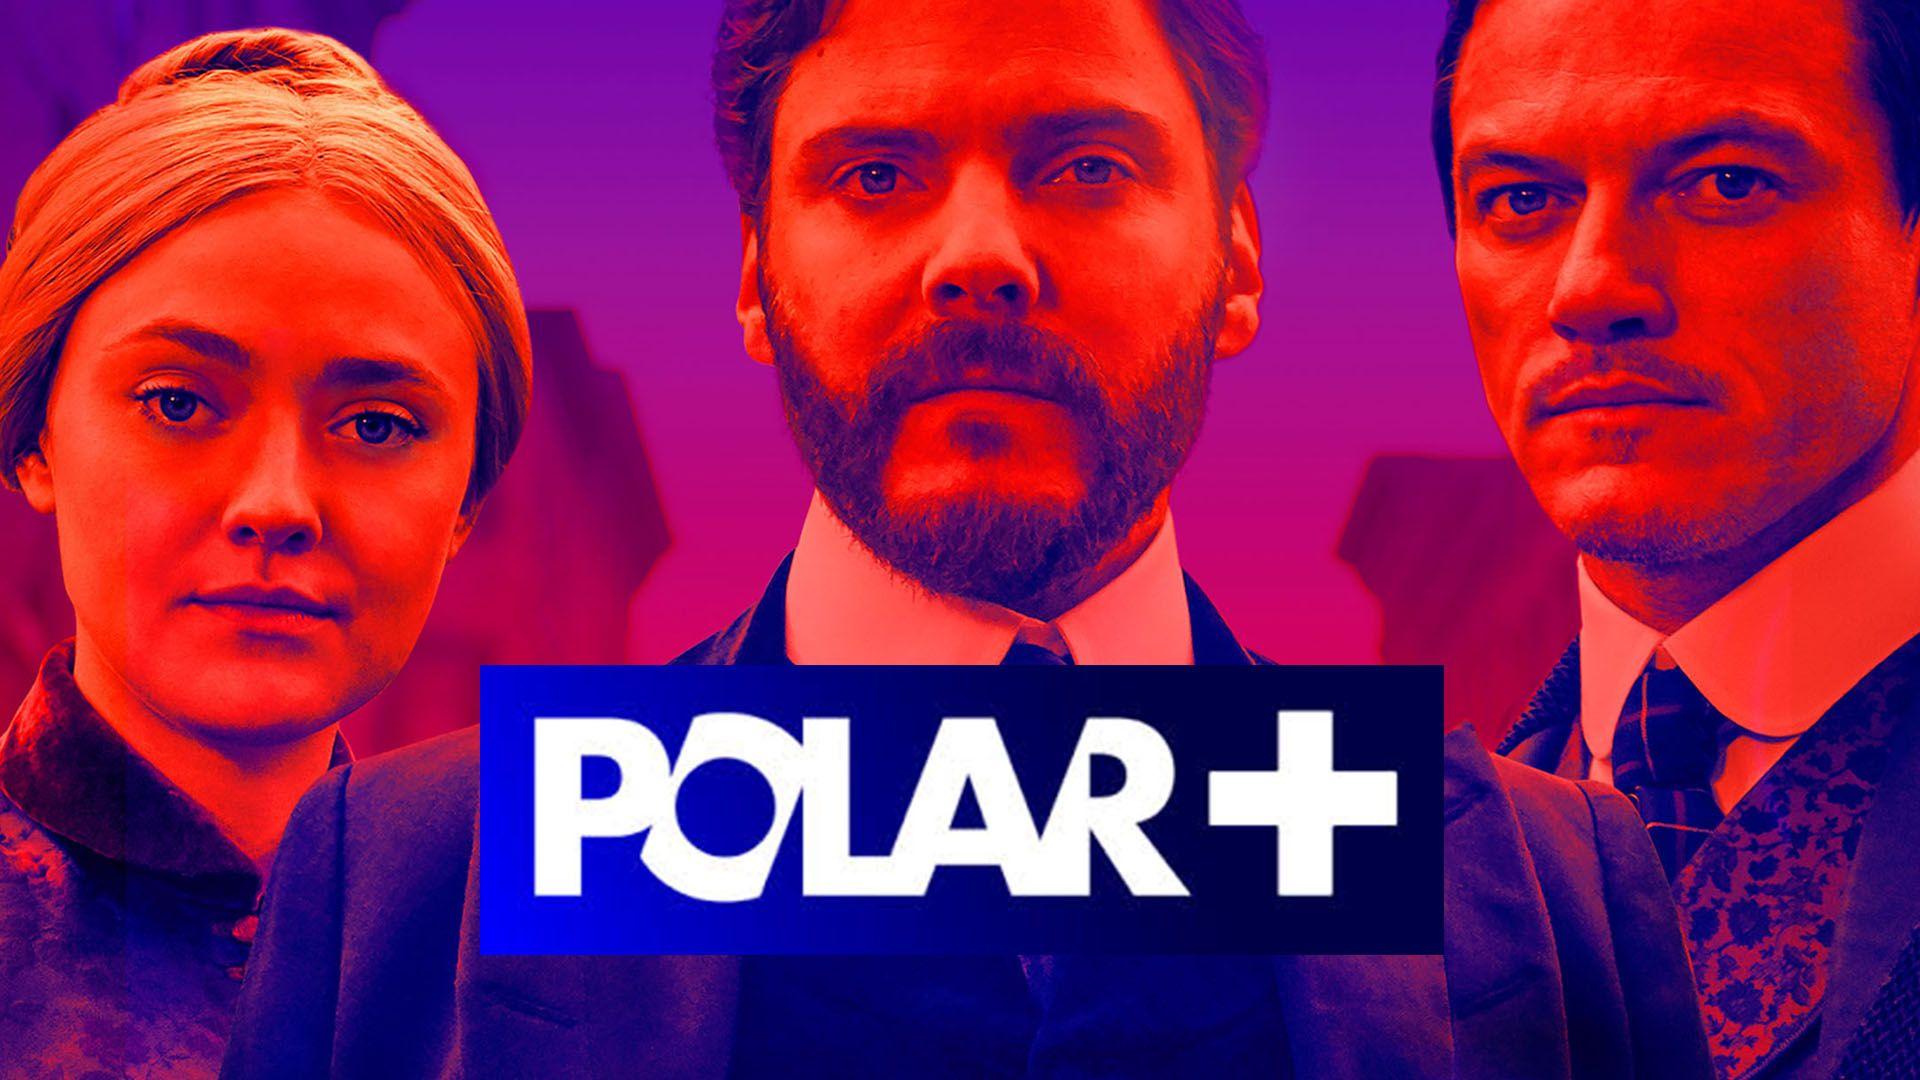 POLAR+, votre nouvelle scène de crime